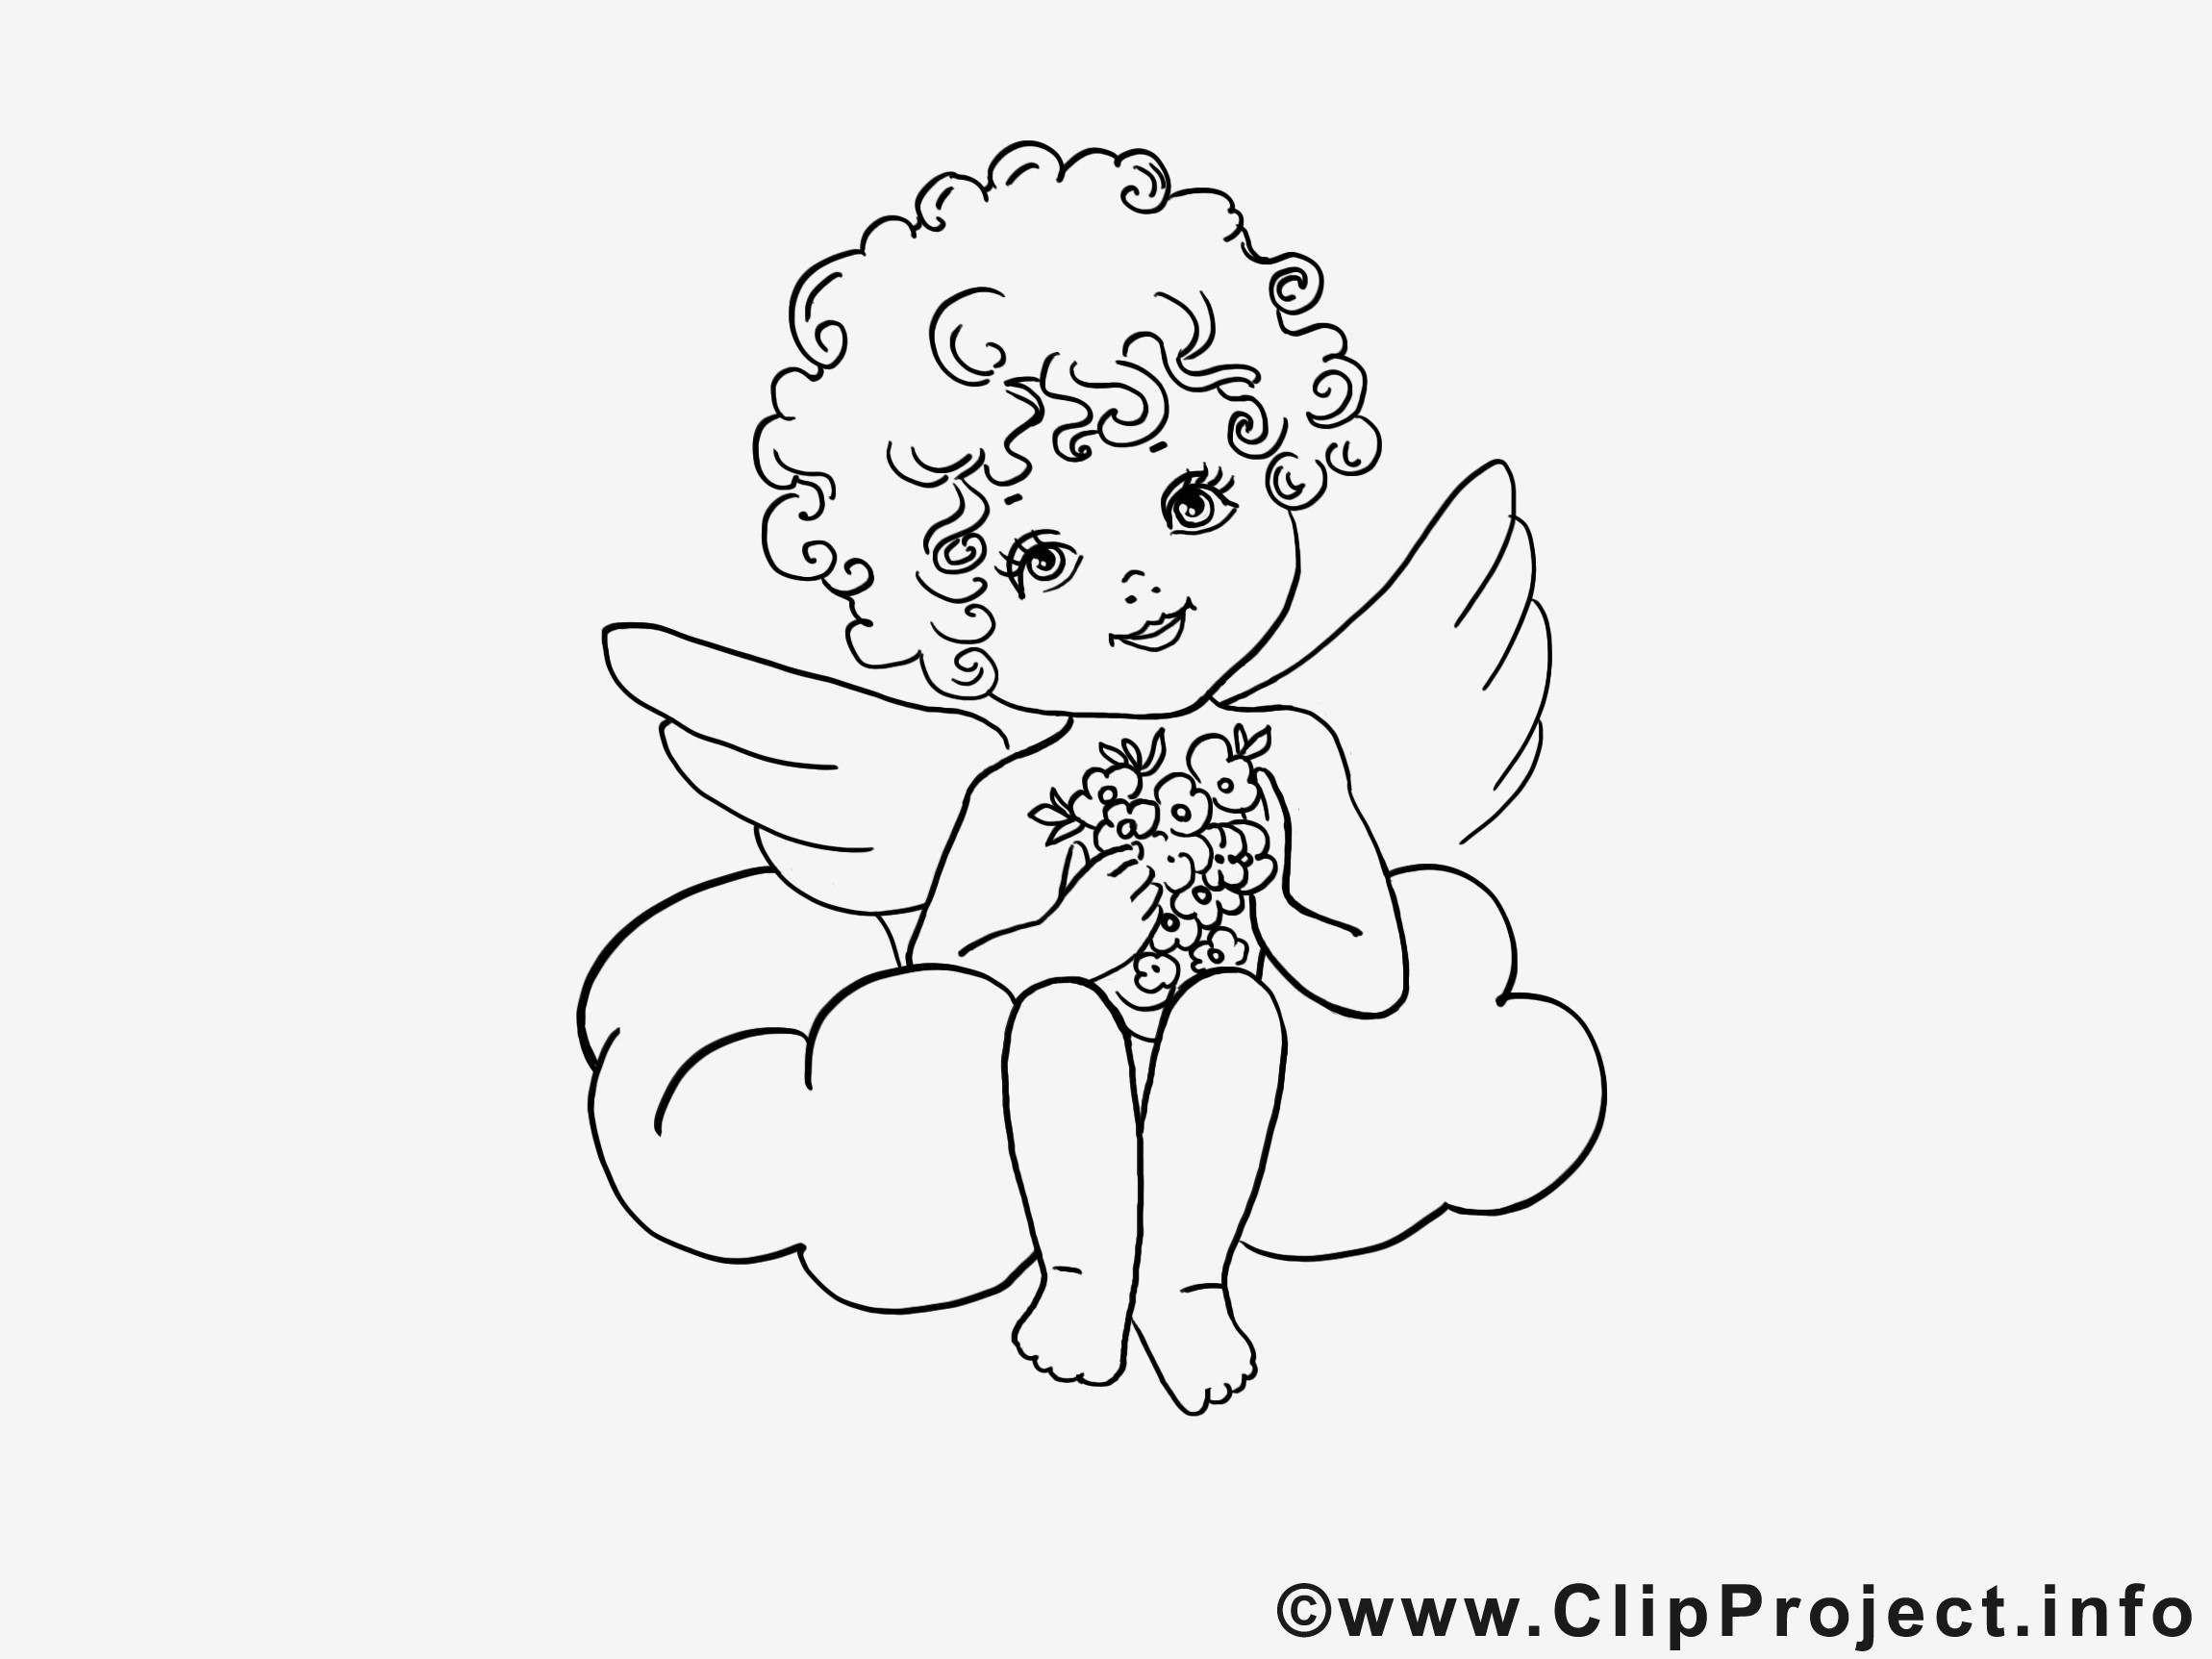 57 Das Beste Von Engel Ausmalbilder Zum Ausdrucken Engel Zum Ausmalen Ausmalbilder Zum Ausdrucken Kostenlose Ausmalbilder